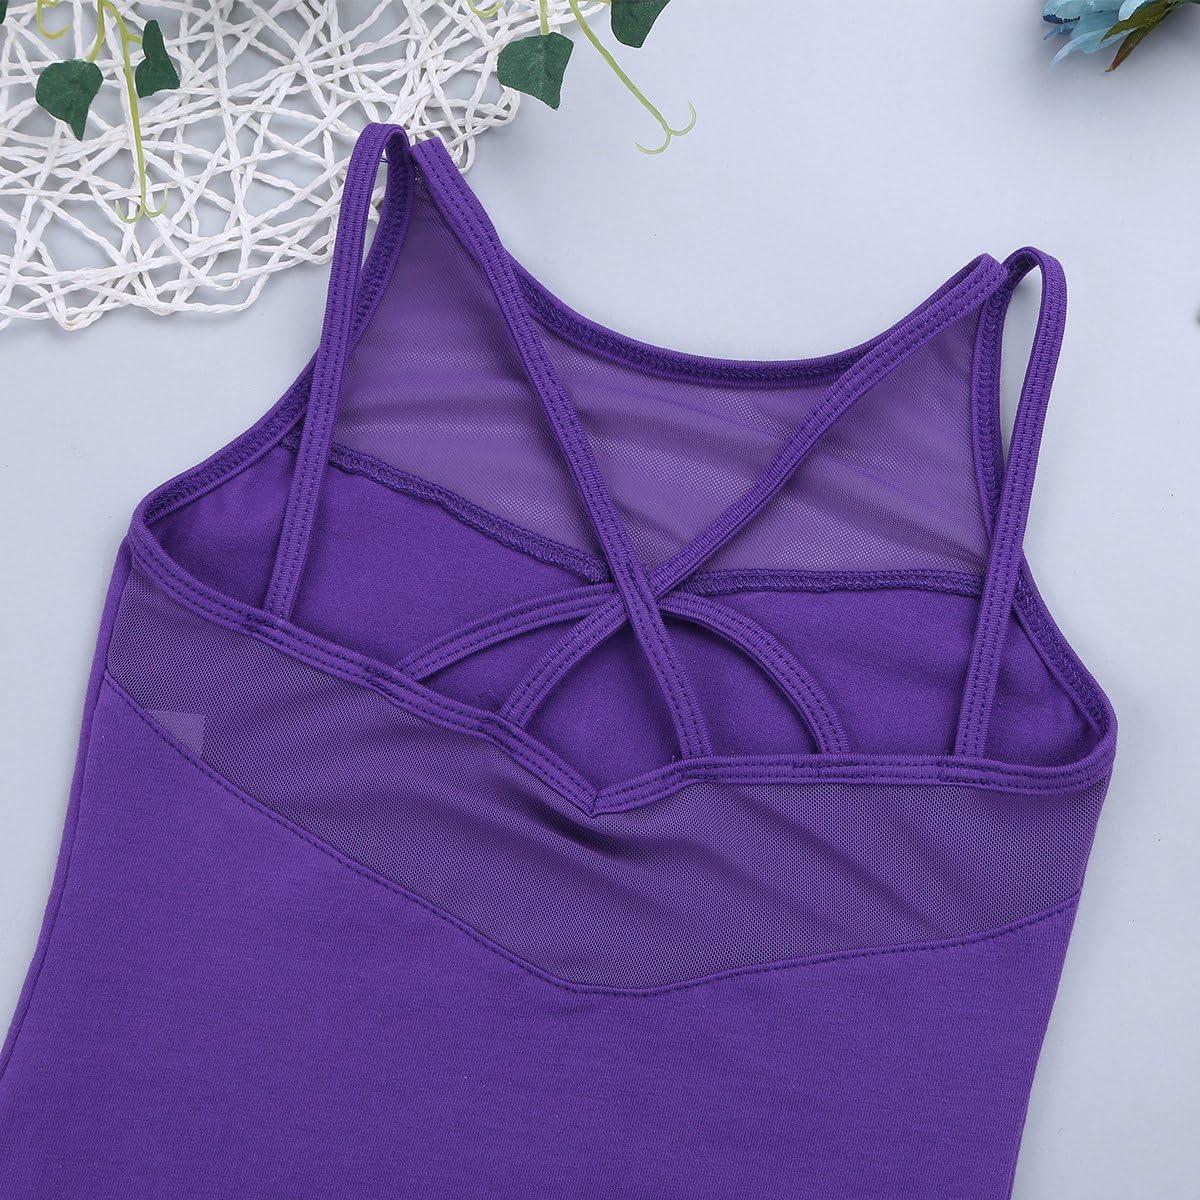 JEATHA Kids Girls Sleeveless Basic Mesh Splice Ballet Leotard Criss Cross Back Athletic Yoga Sports Bodysuit